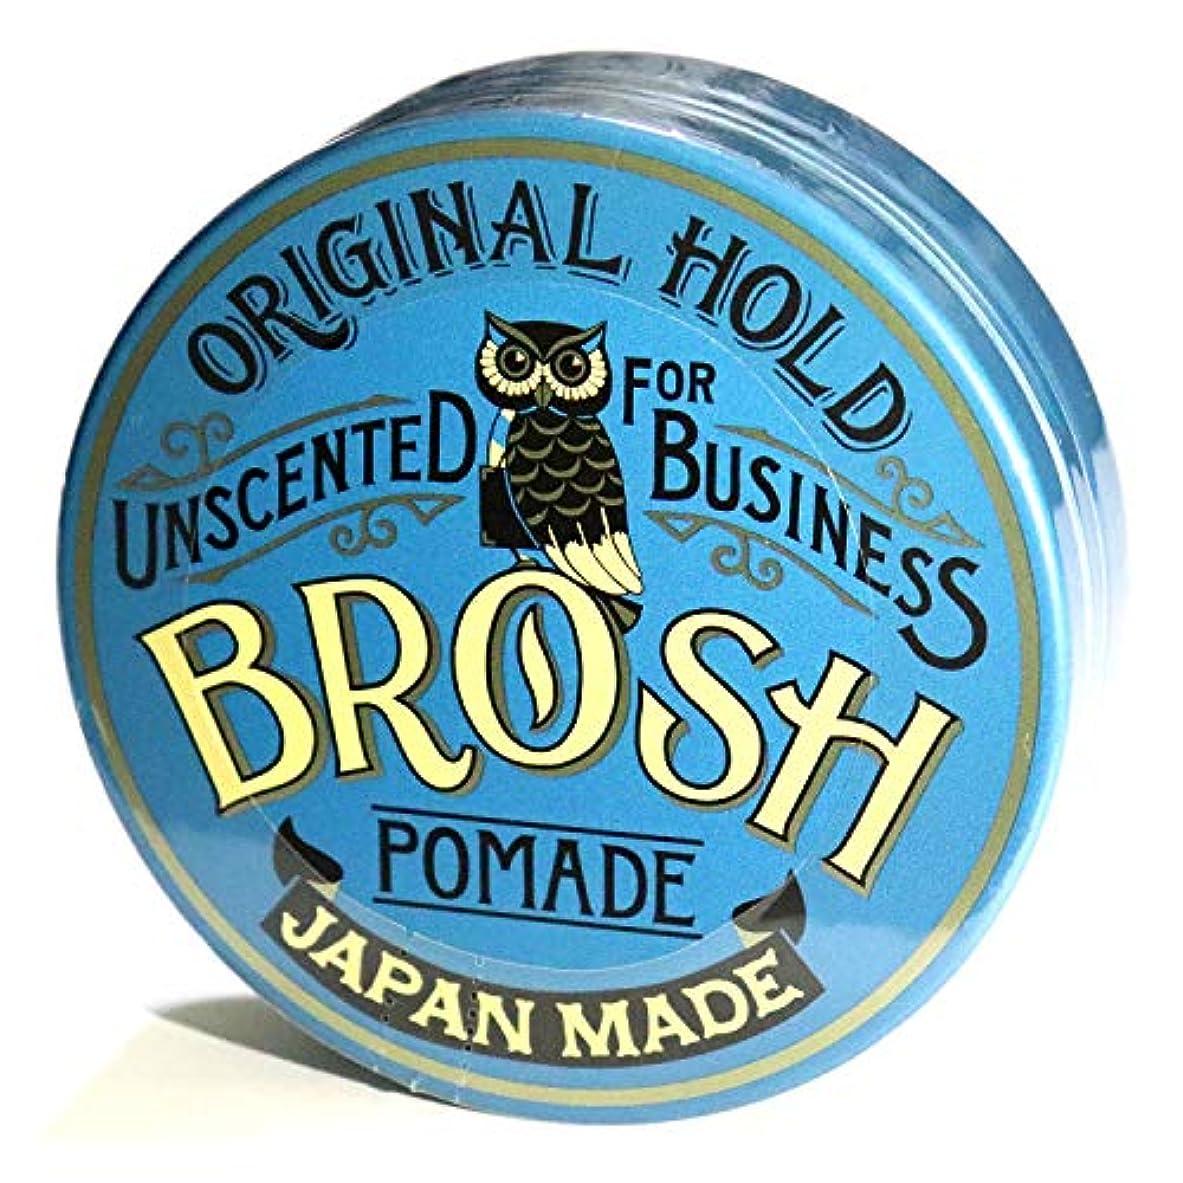 マニアック飛行場メタリックBROSH (ブロッシュ) BROSH POMADE UNSCENTED/BIZ 115g 水性ポマード 整髪料 無香料